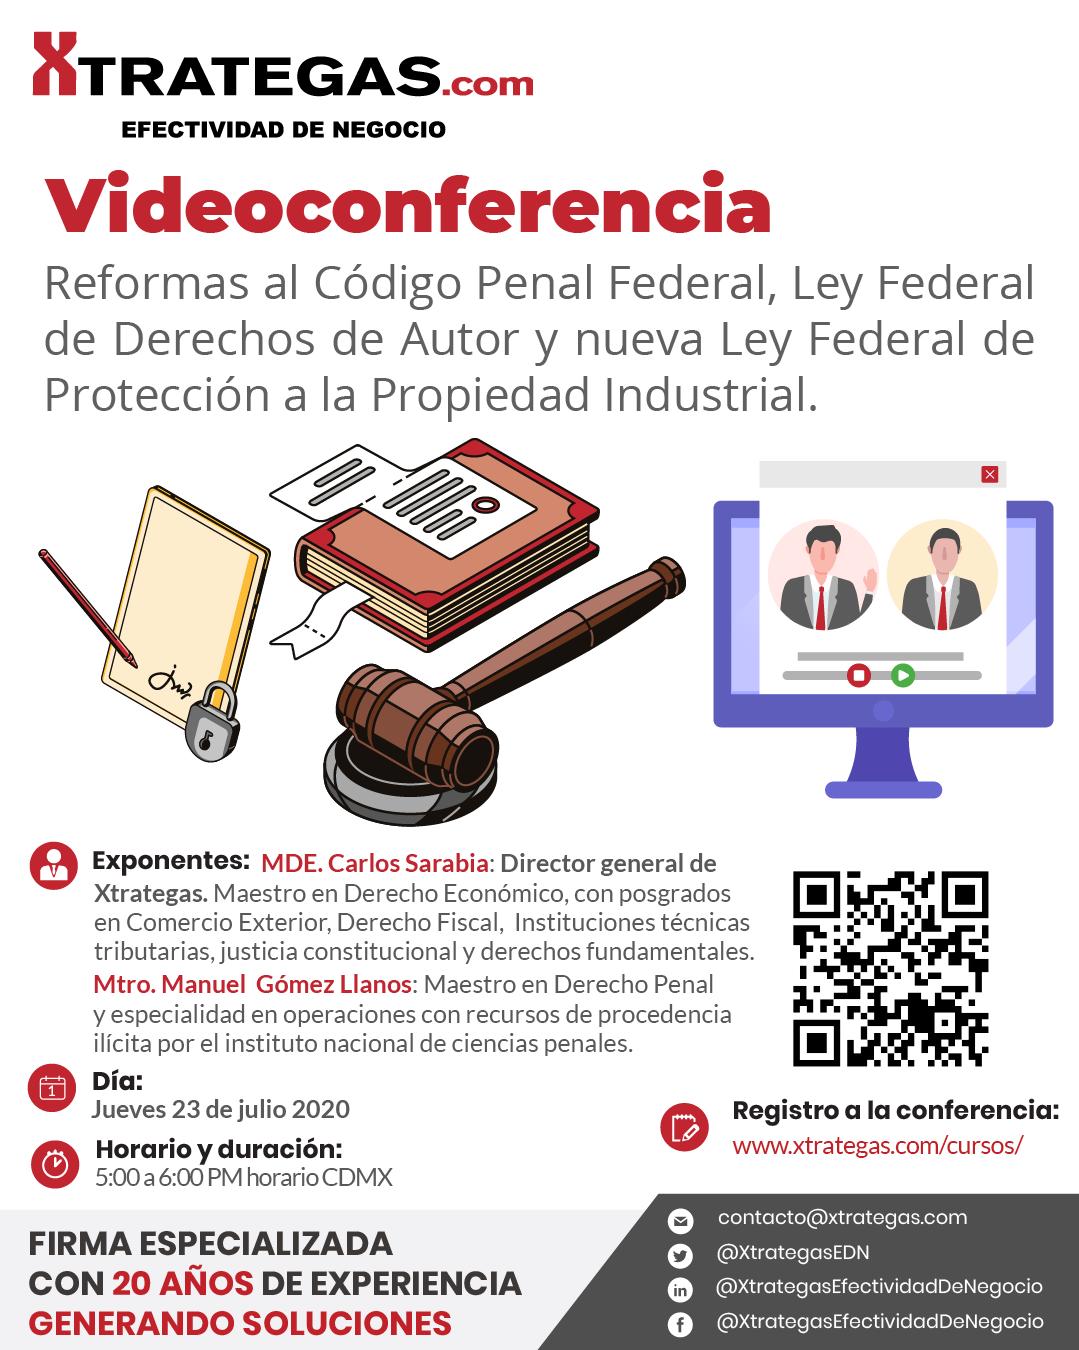 ciclo-de-videoconferencias-xtrategas-julio-2020-23-reforma-al-codigo-penal-federal-2